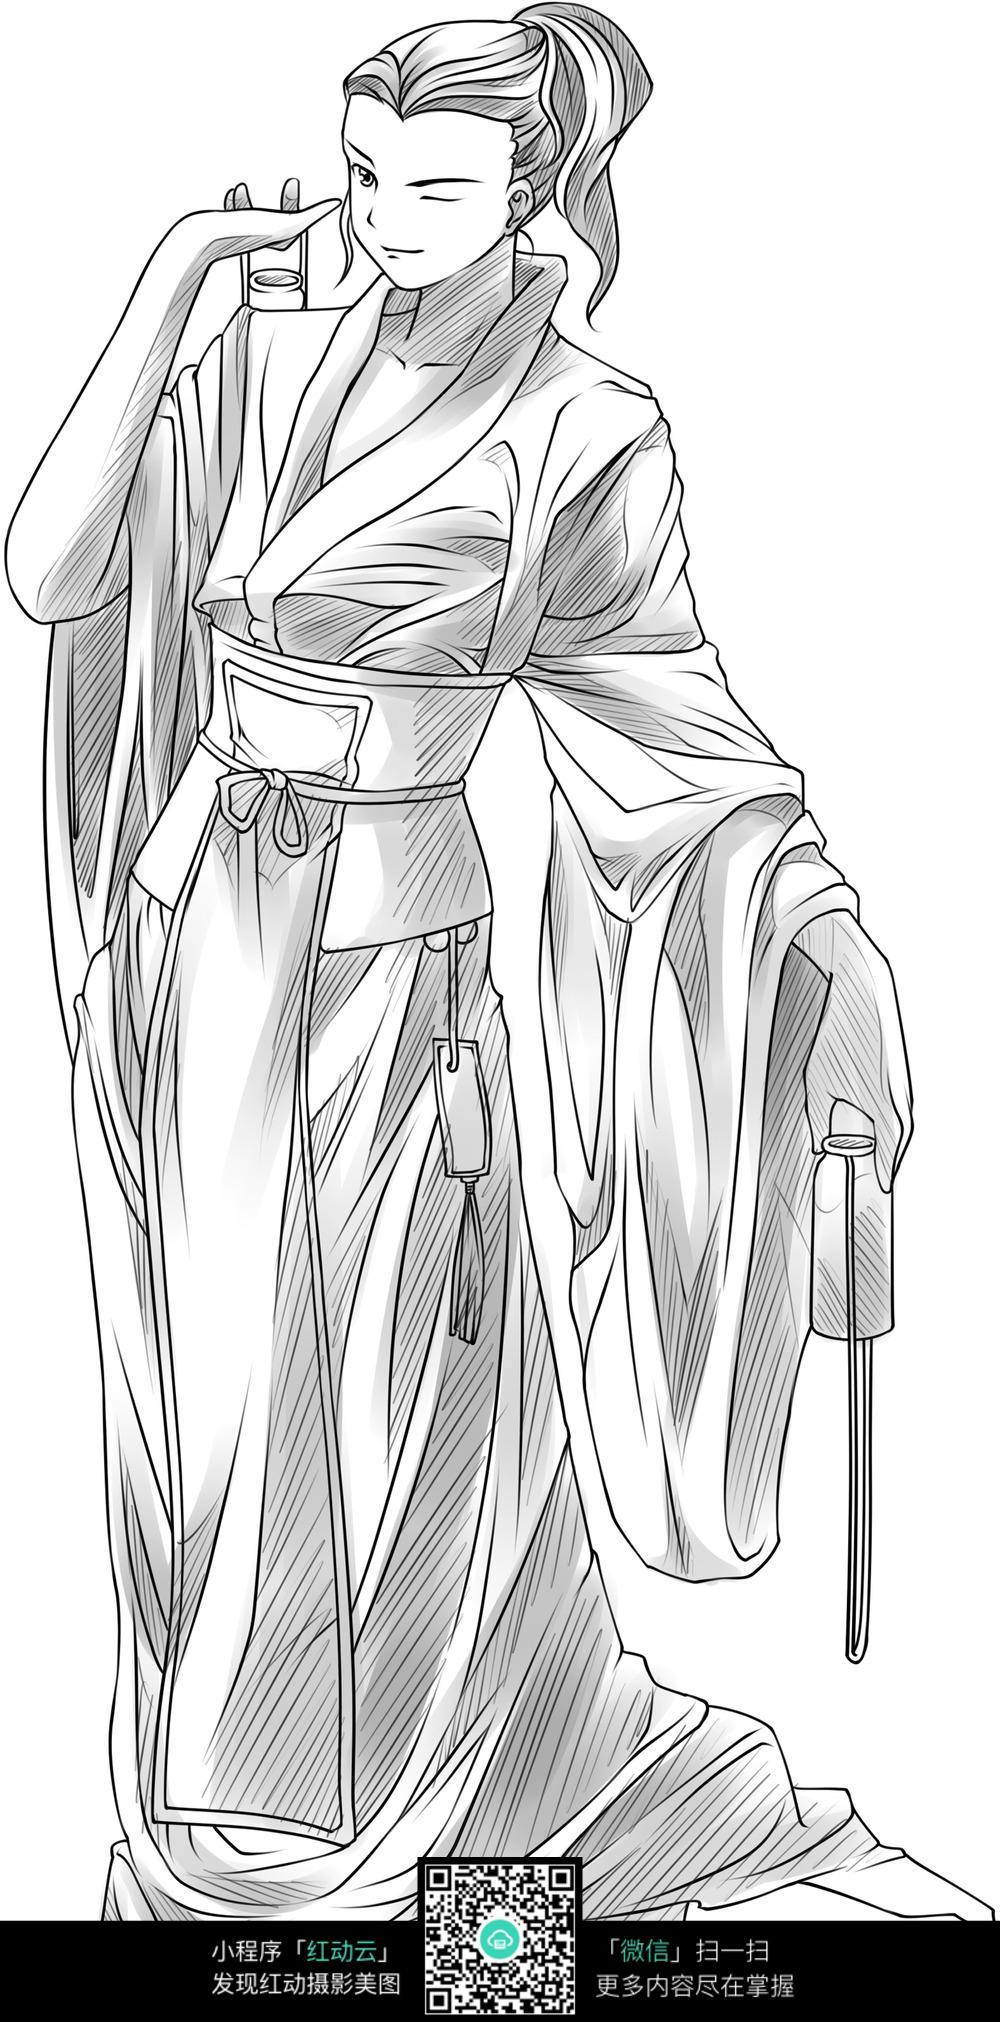 图片素材  卡通人物  漫画  大河民族服装手绘   动漫线稿  插画图片